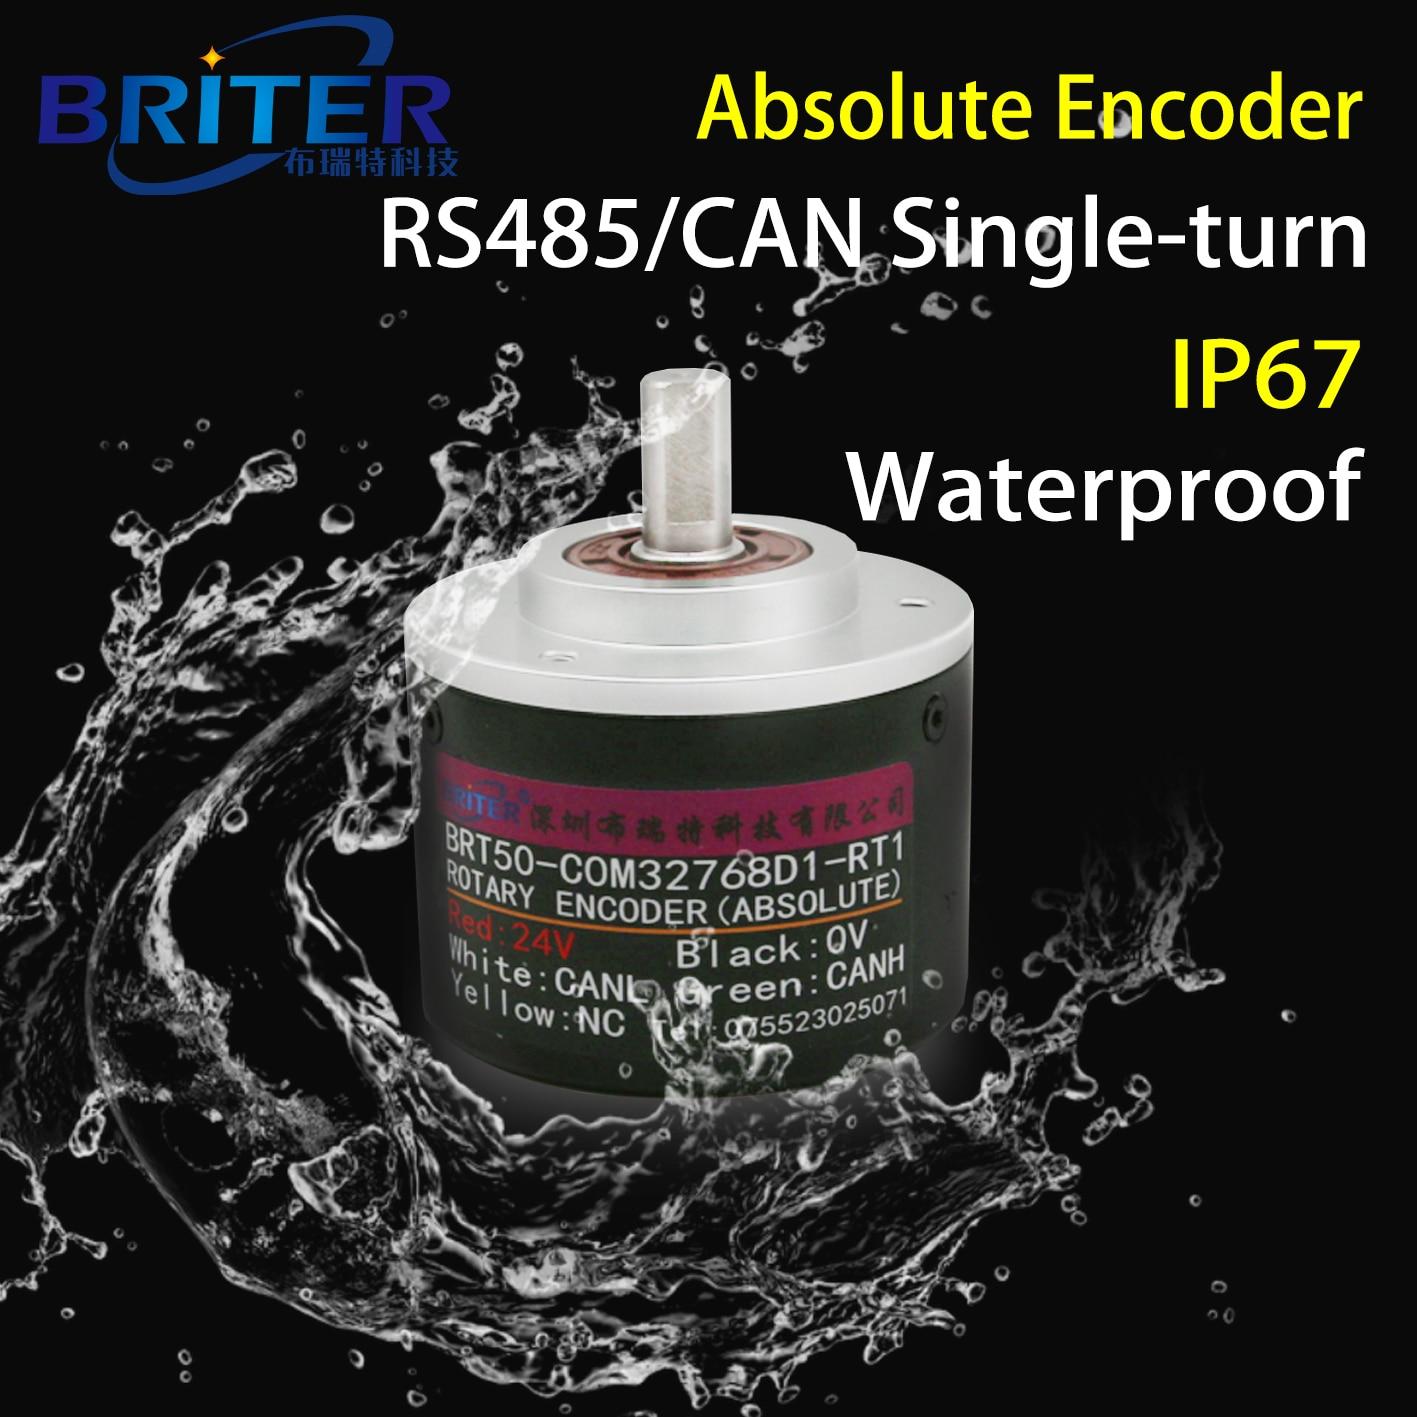 جهاز تشفير دوار أحادي الدوران مقاوم للماء IP67 ، واجهة SSI RS485 ، زاوية عالية الدقة ، قياس السرعة